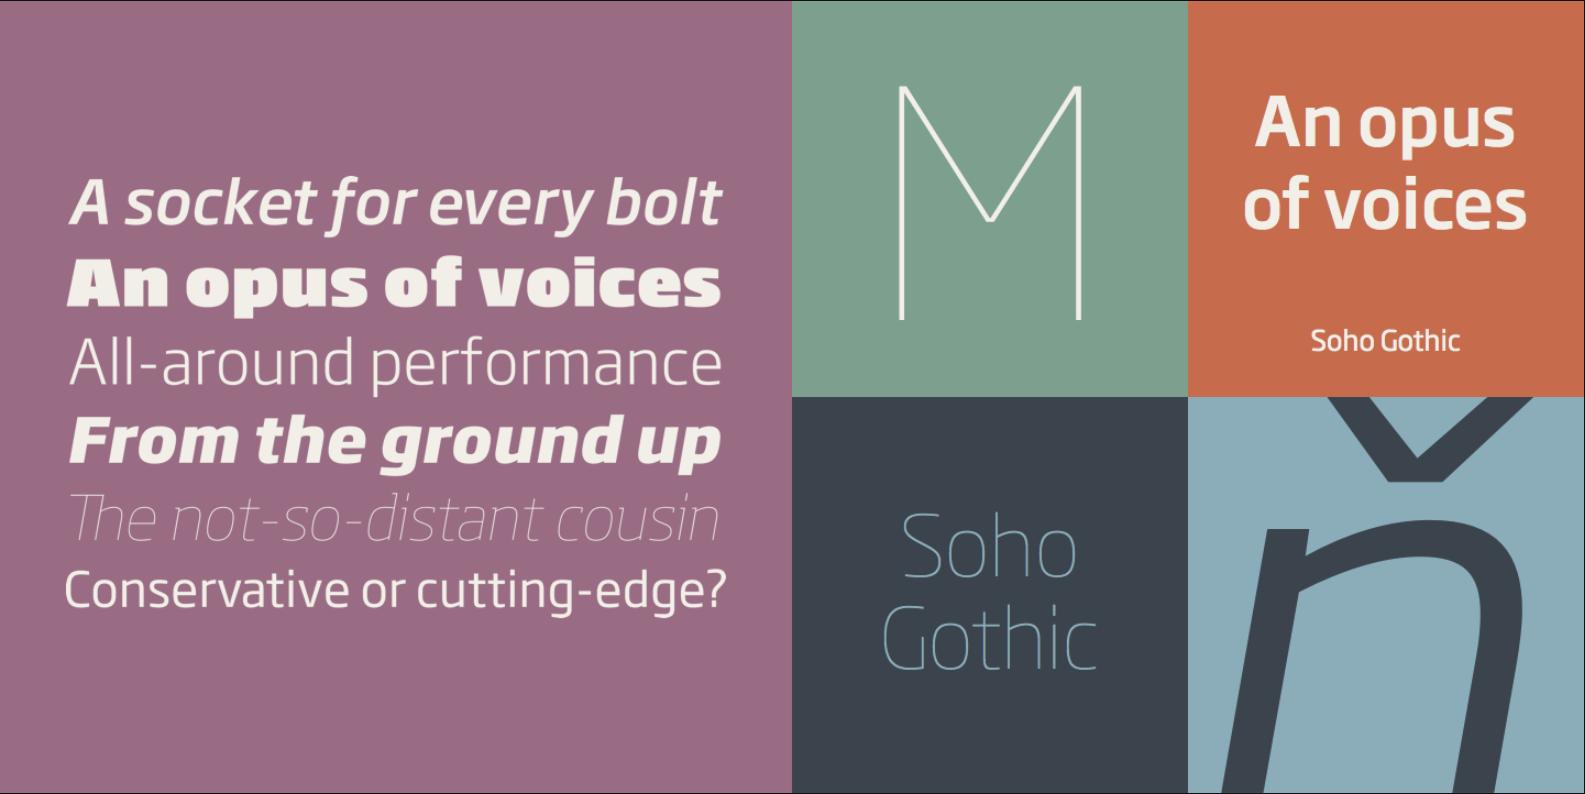 Soho Gothic Pro